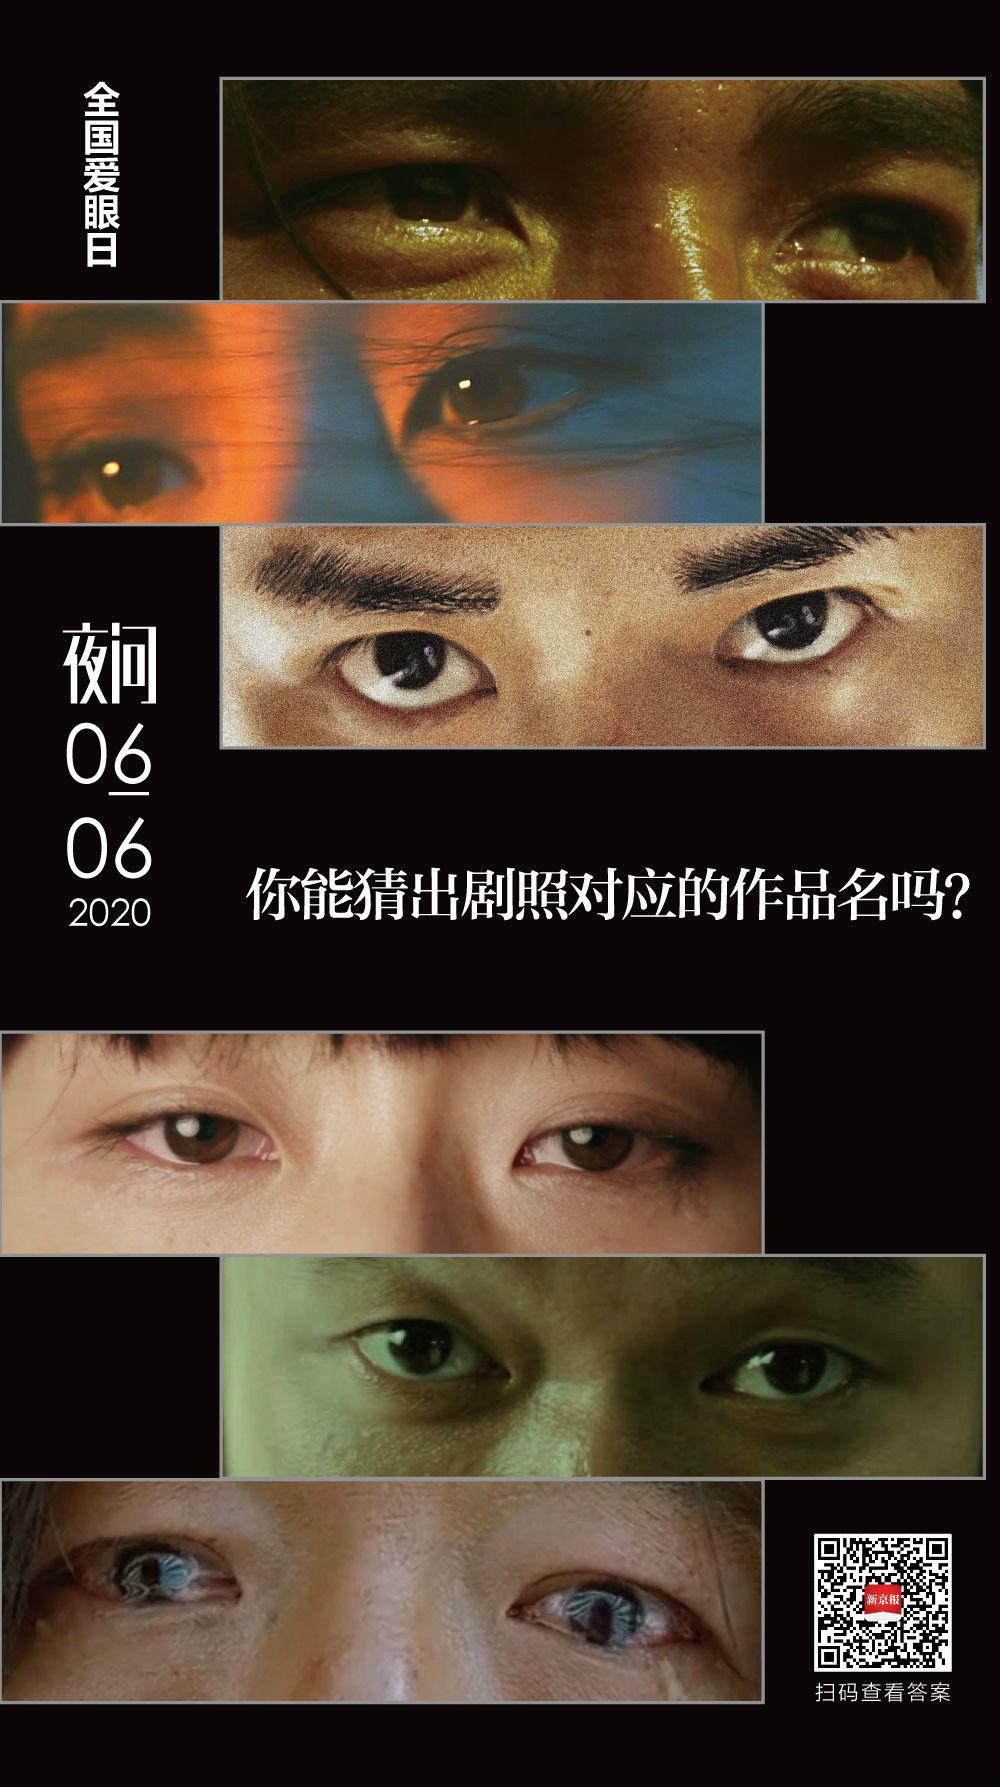 #眼睛#你知道这些眼睛里的故事吗?丨夜问